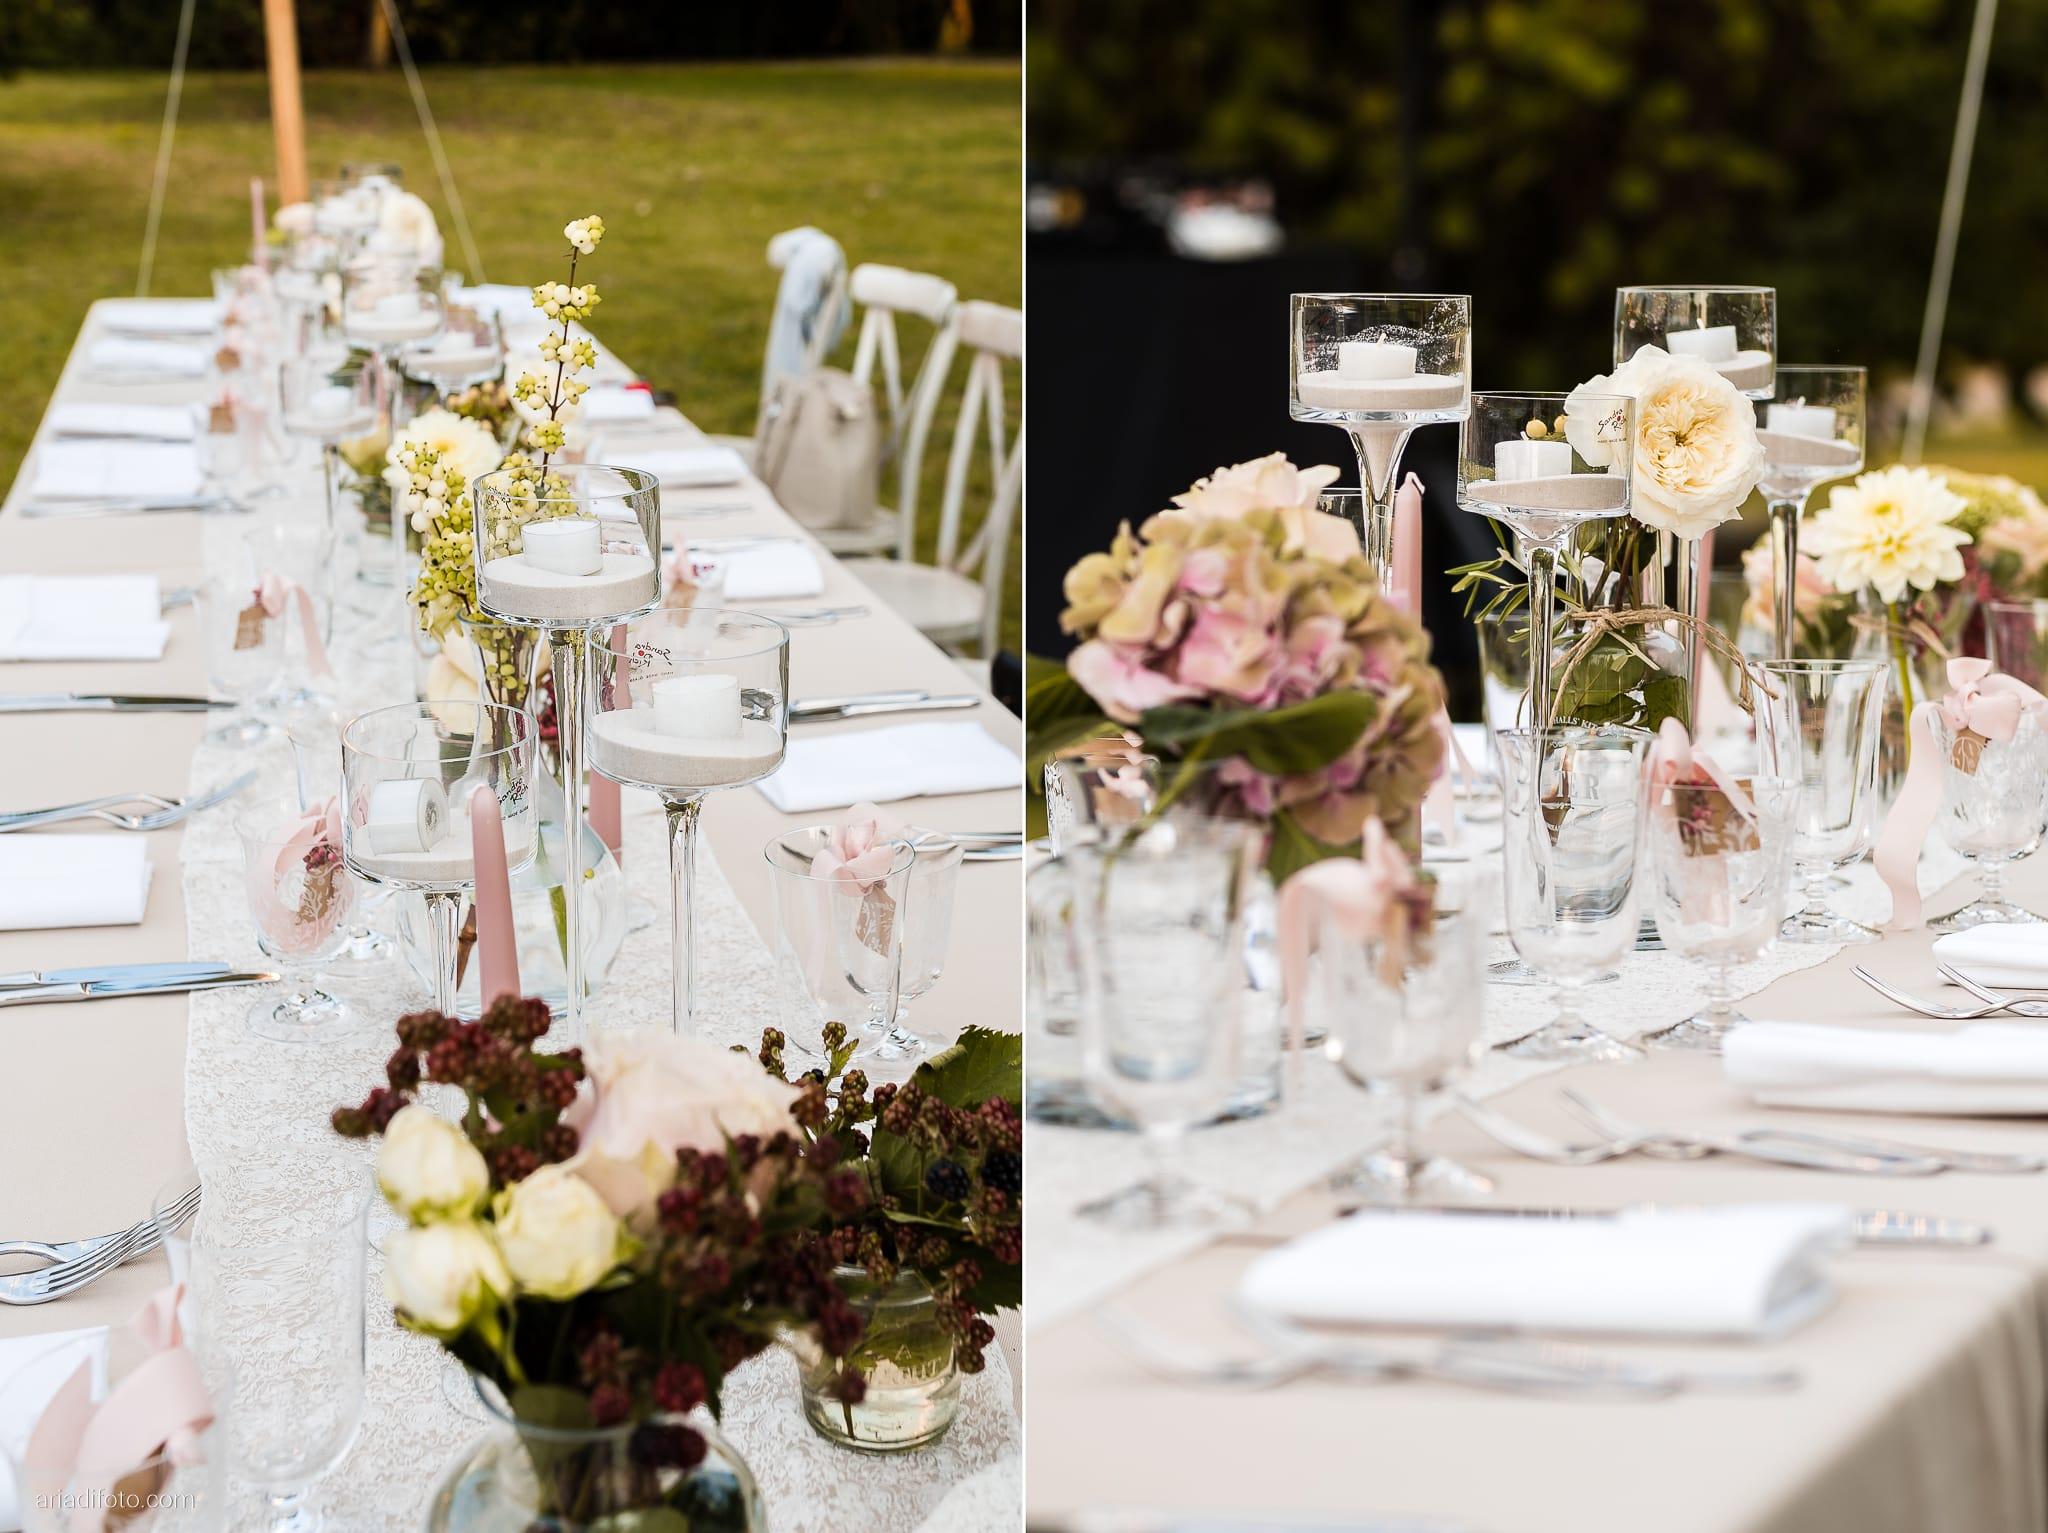 Stefania Raffaele Matrimonio Country Chic Outdoor Gorizia ricevimento dettagli decorazioni centrotavola allestimenti tableau aperto giardino